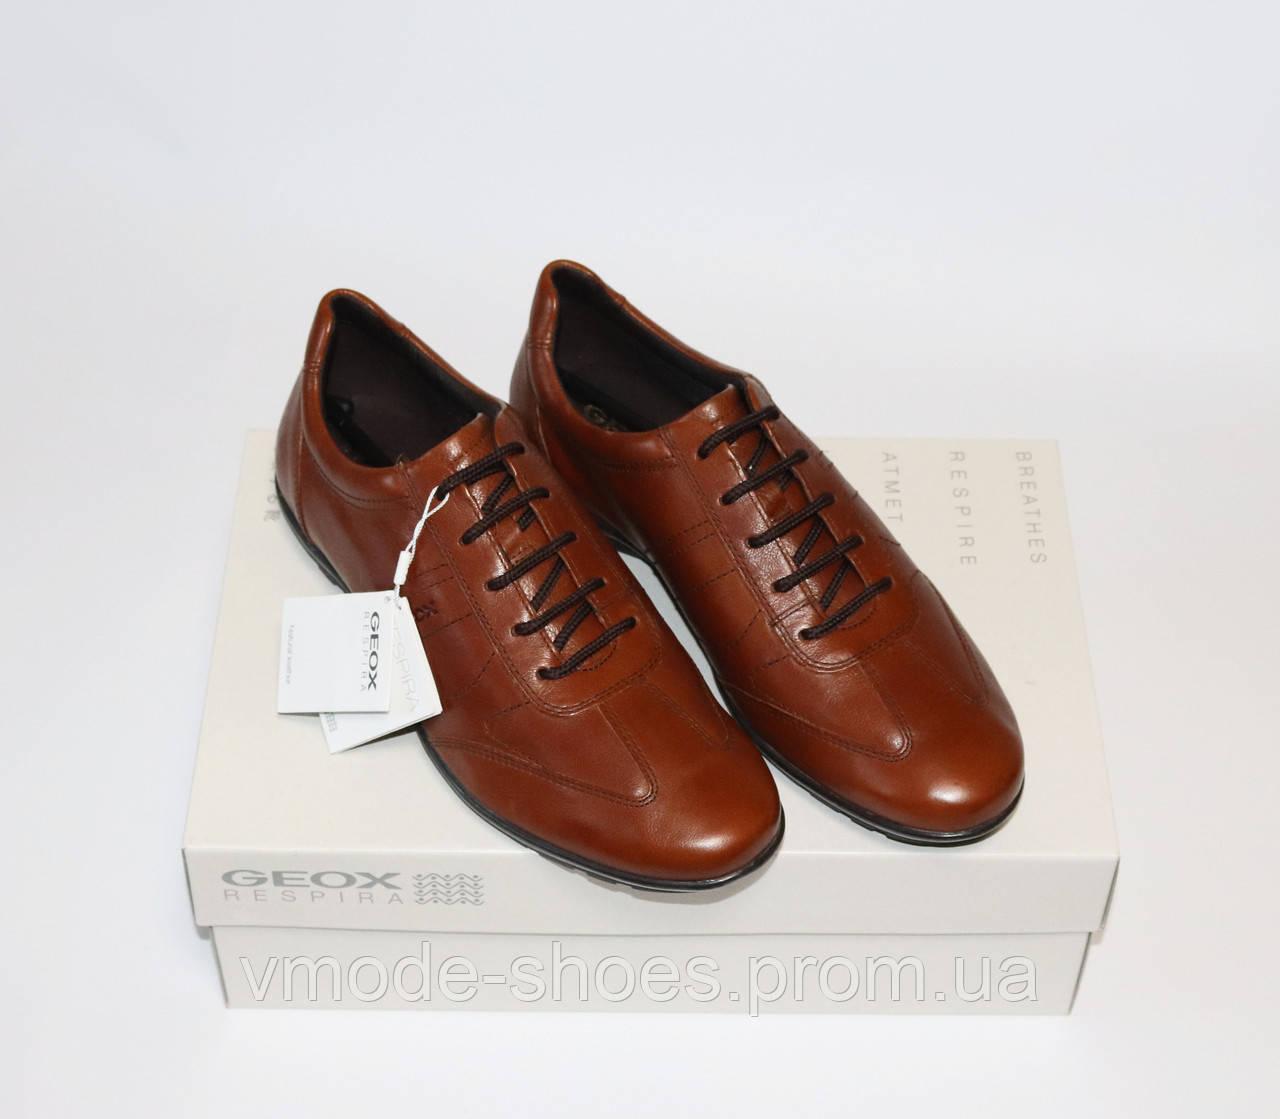 dfec87762 Мужские туфли GEOX Respira оригинал. Натуральная кожа. 44-46 ...